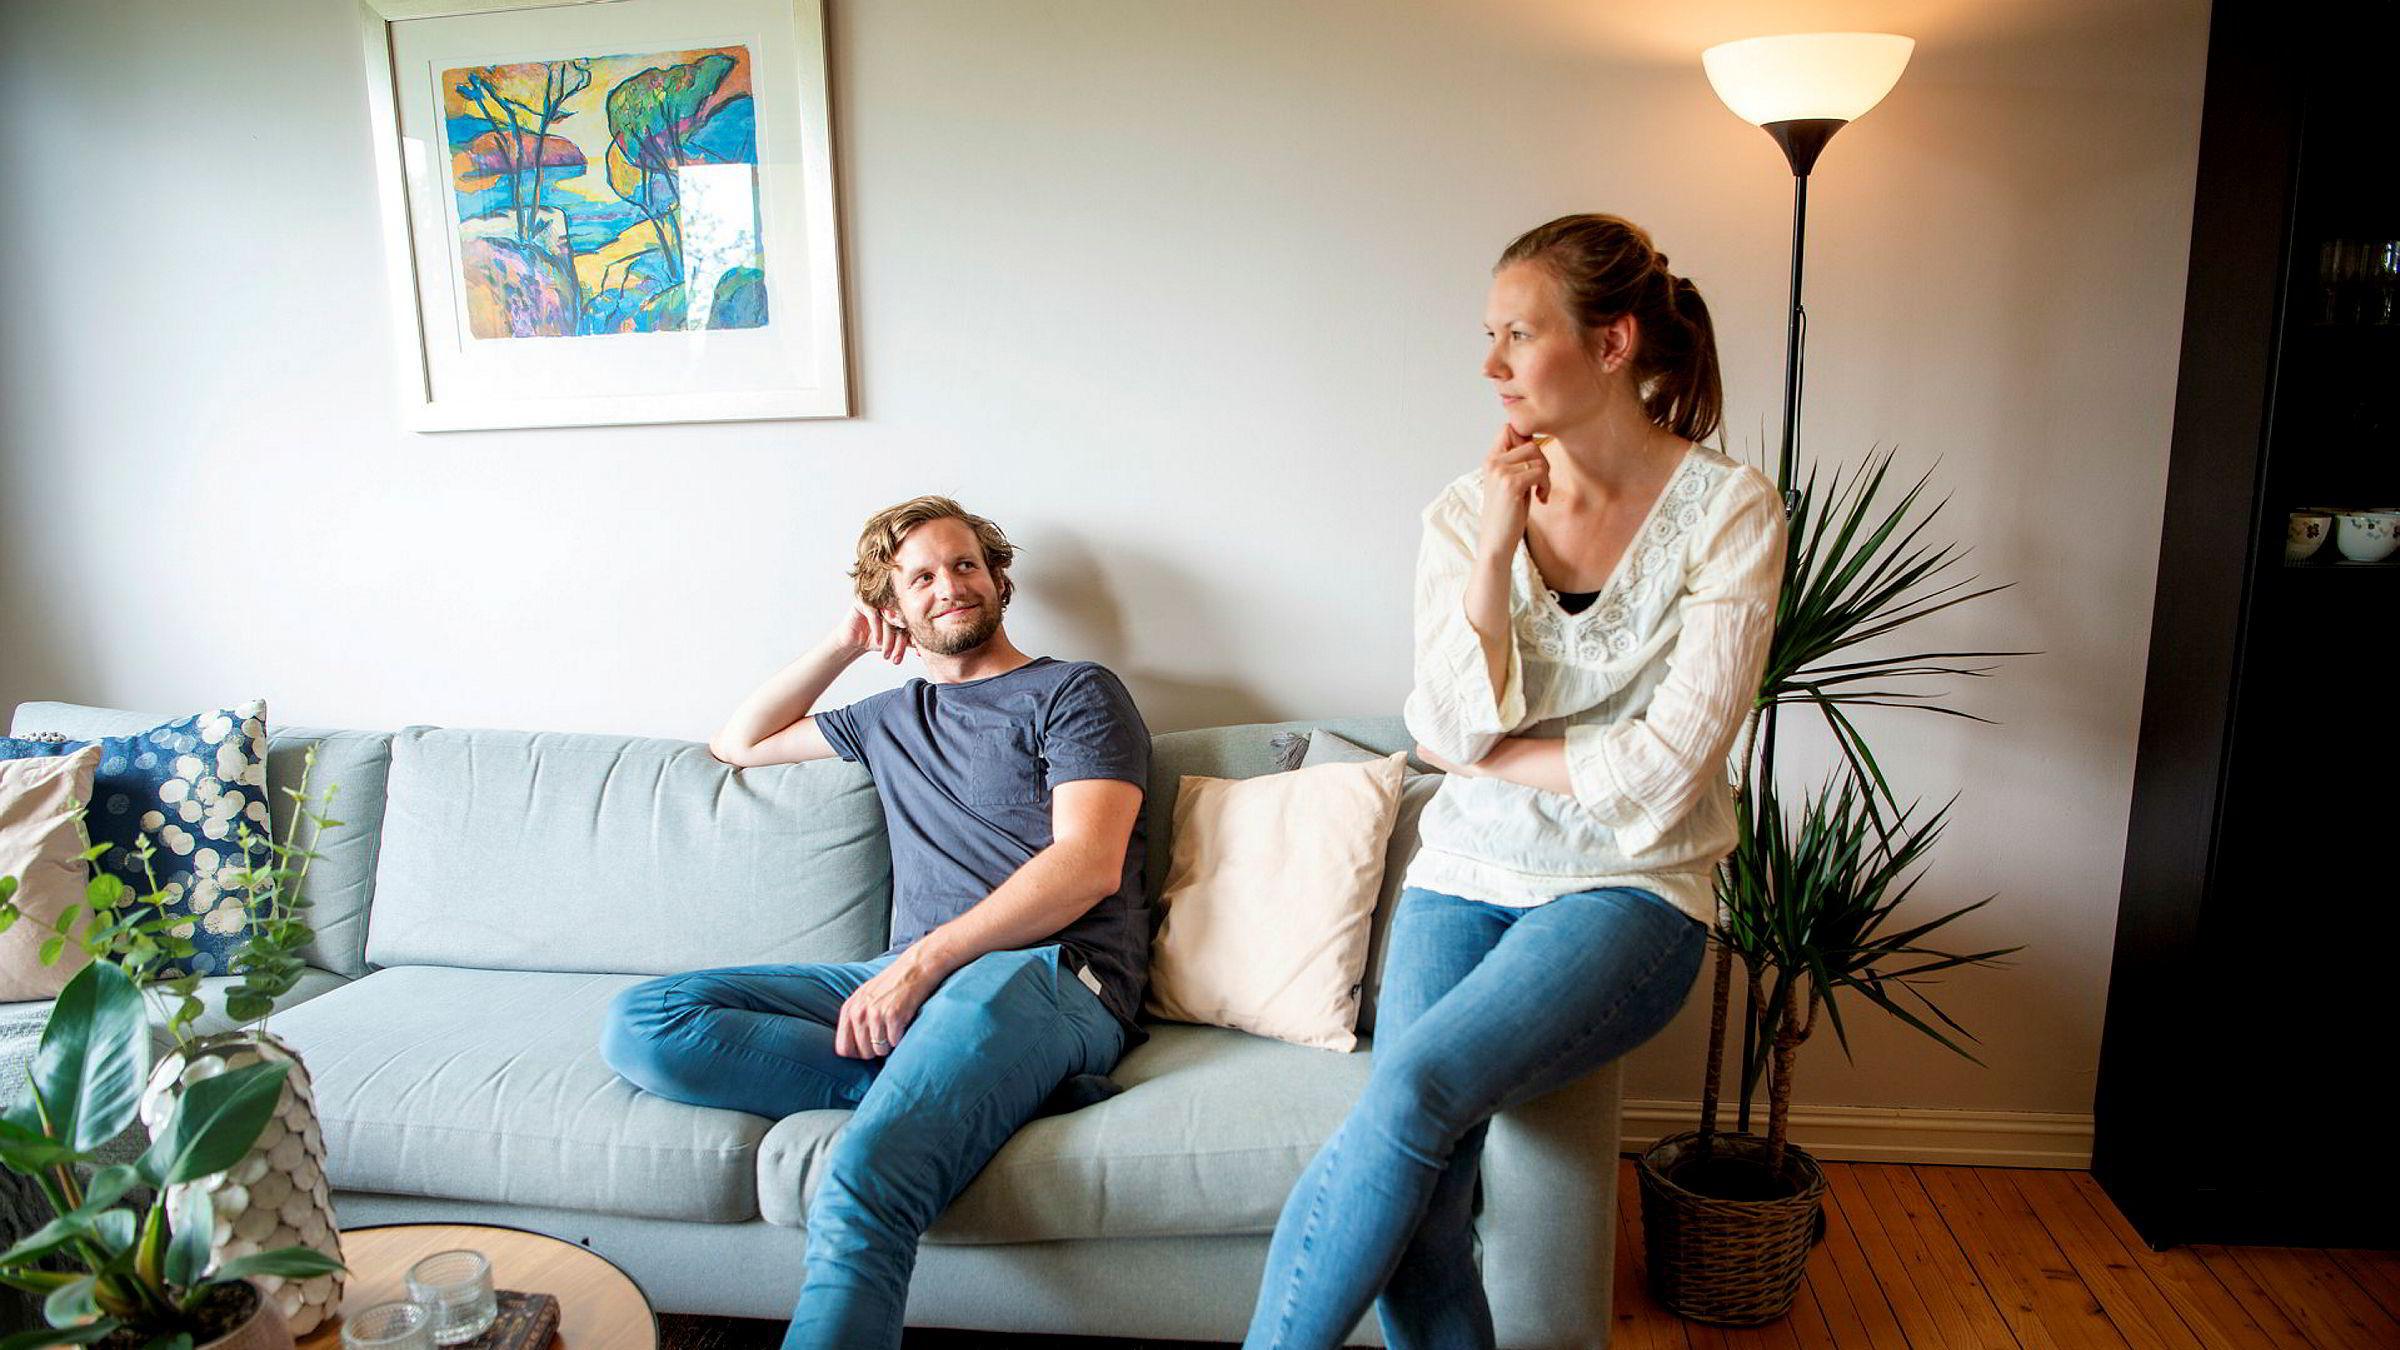 Vetle Vedeld (31) og Ida Heier Hovland (31) skal selge leiligheten på Tåsen i Oslo. Medieoppslagene om et boligprisfall har påvirket salgsstrategien: – Det gjør at man blir litt mer usikker, sier Hovland.